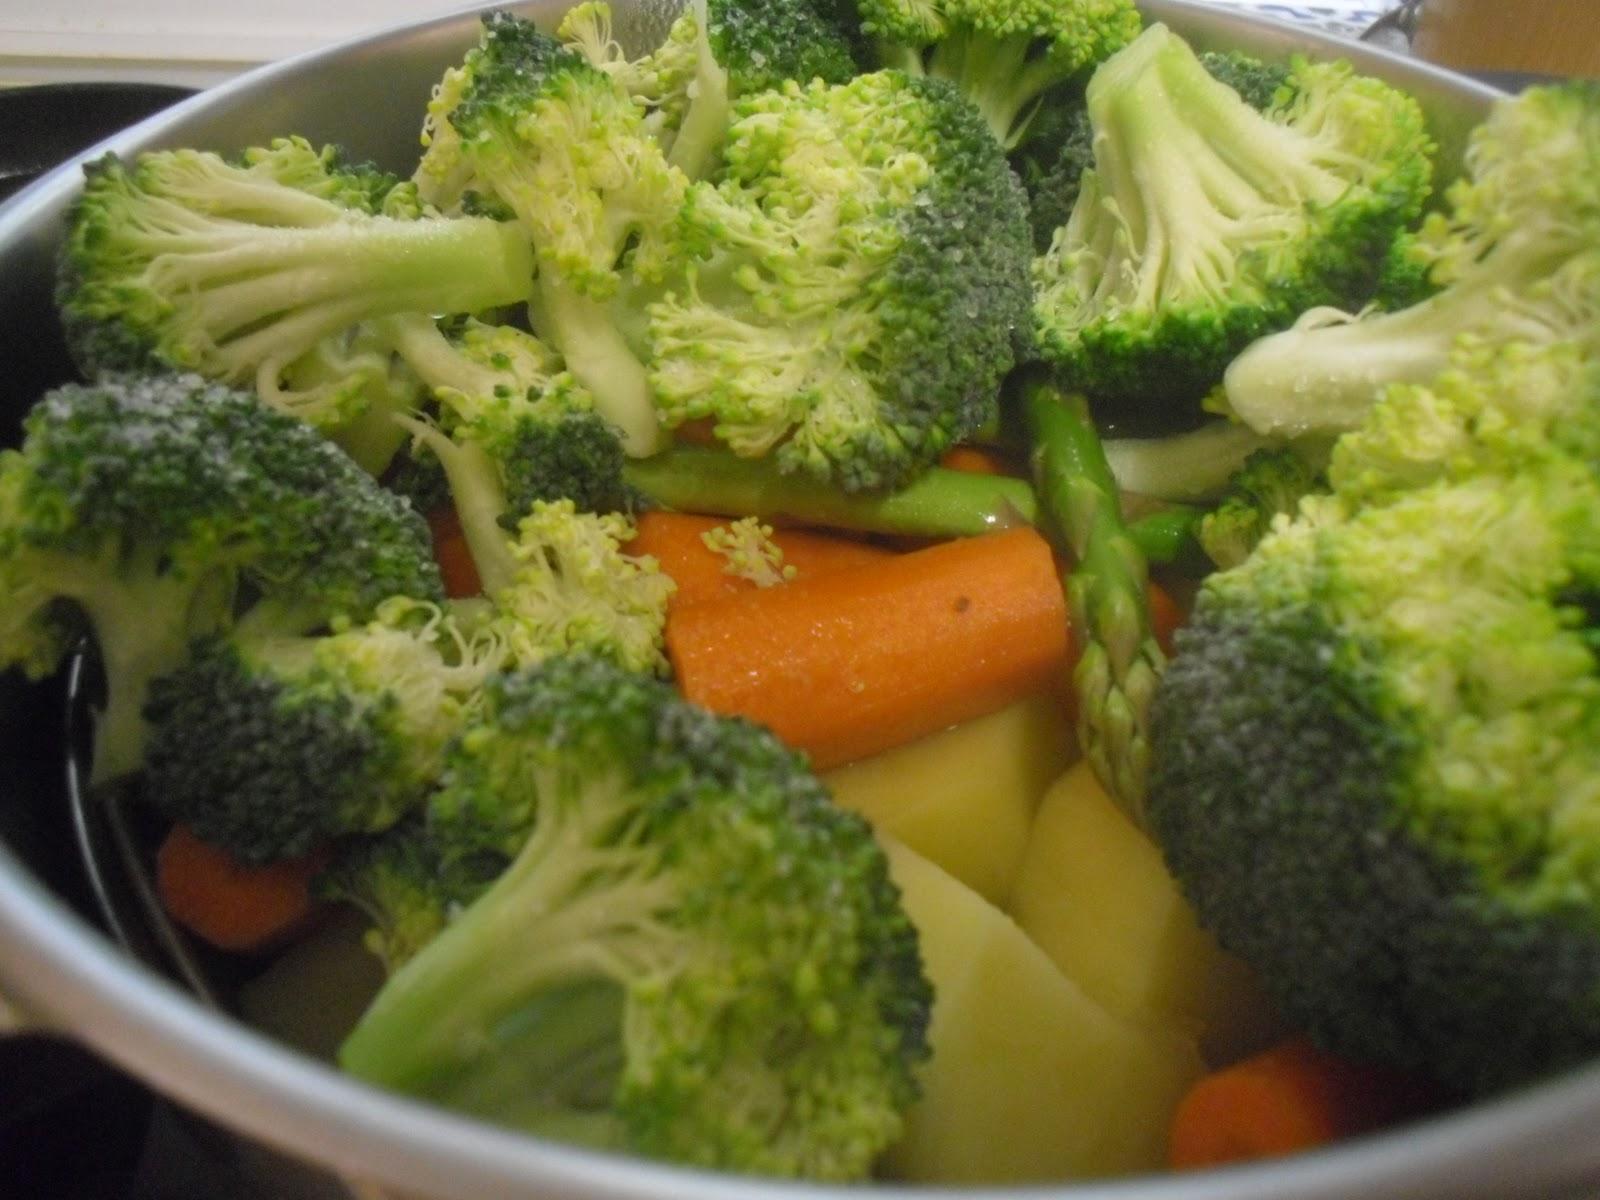 Currycon verduras al vapor - Tiempo de coccion de judias verdes ...